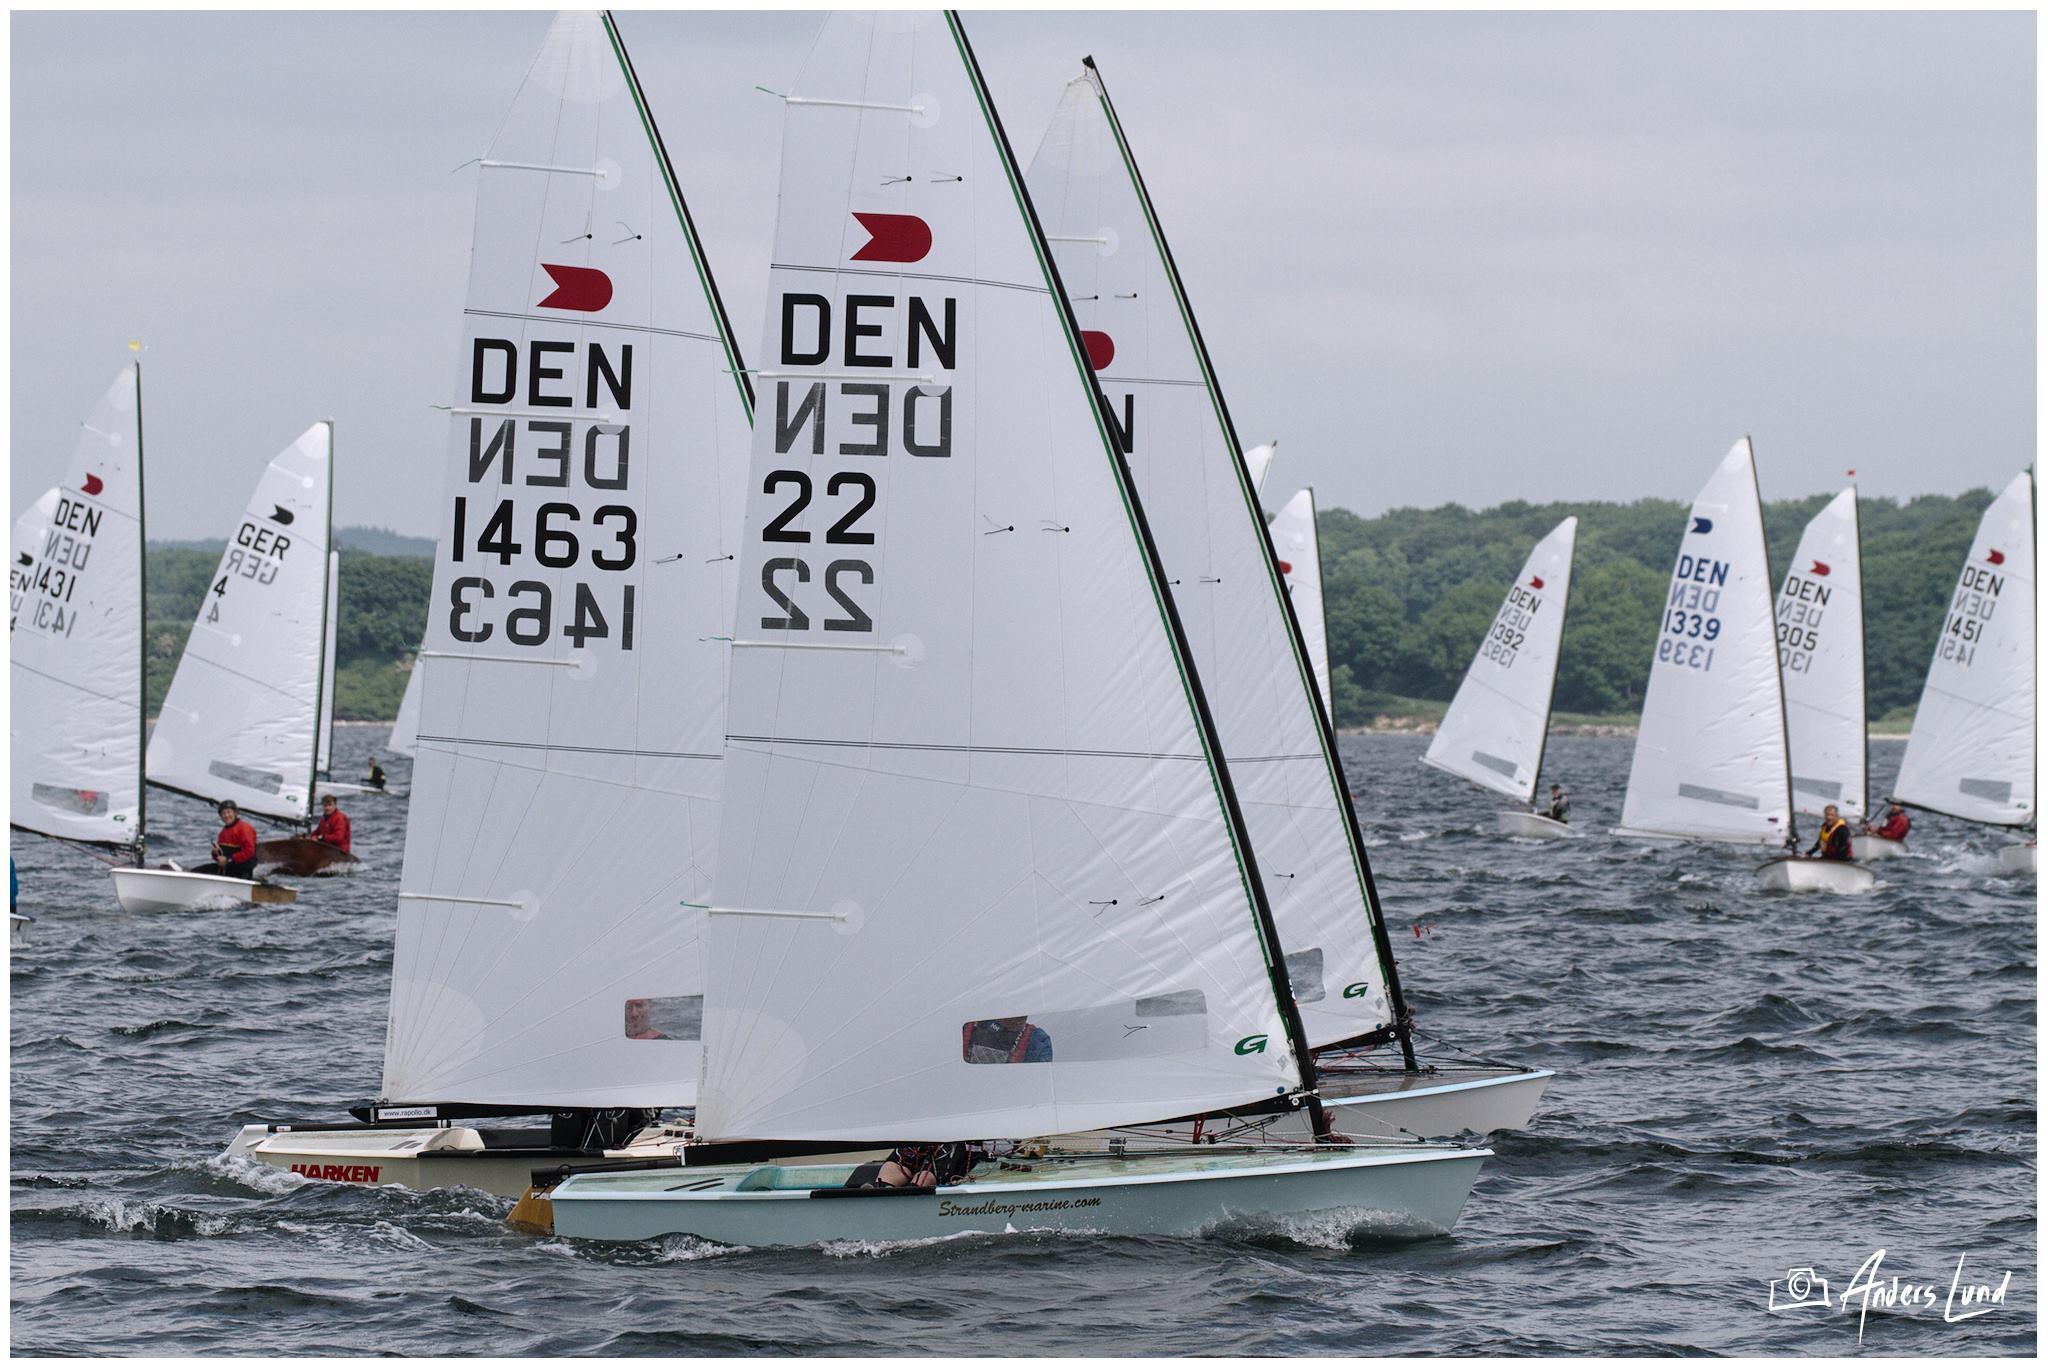 Der blev sejlet OK-jolle i let vind i weekenden i Svendborg Sund. Fotos: Anders Lund